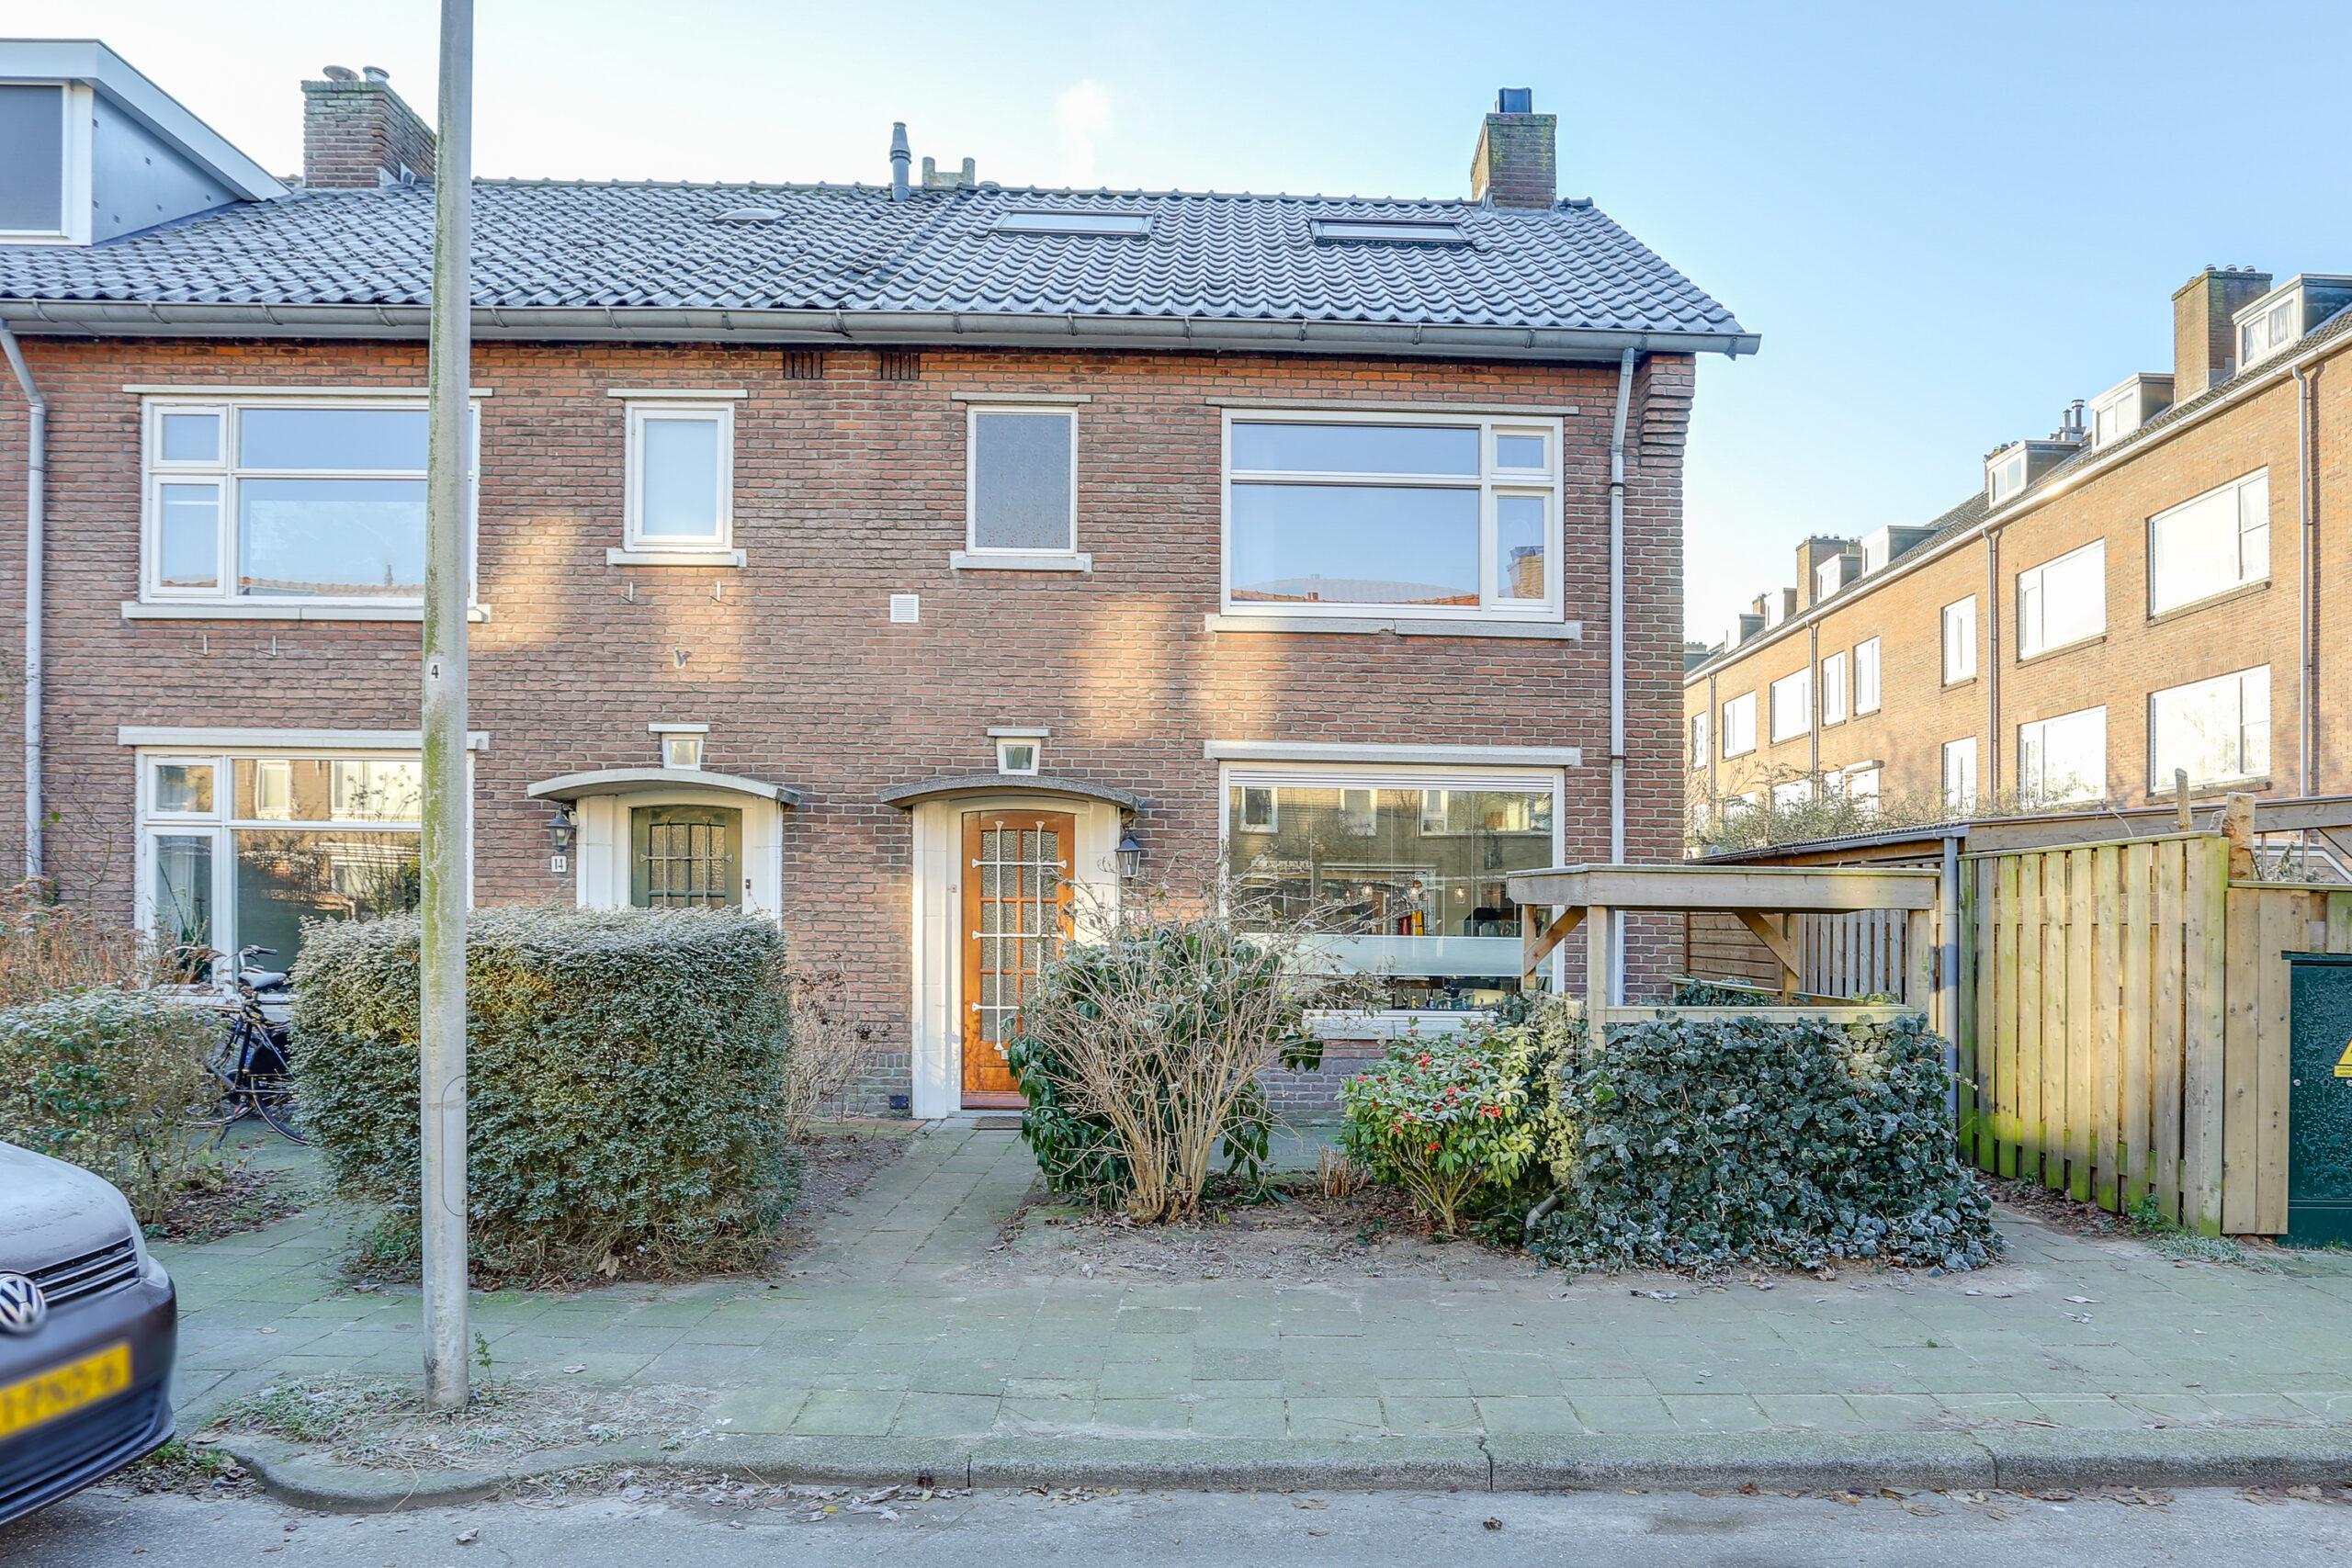 Averkamplaan 16, 3533 SL Utrecht